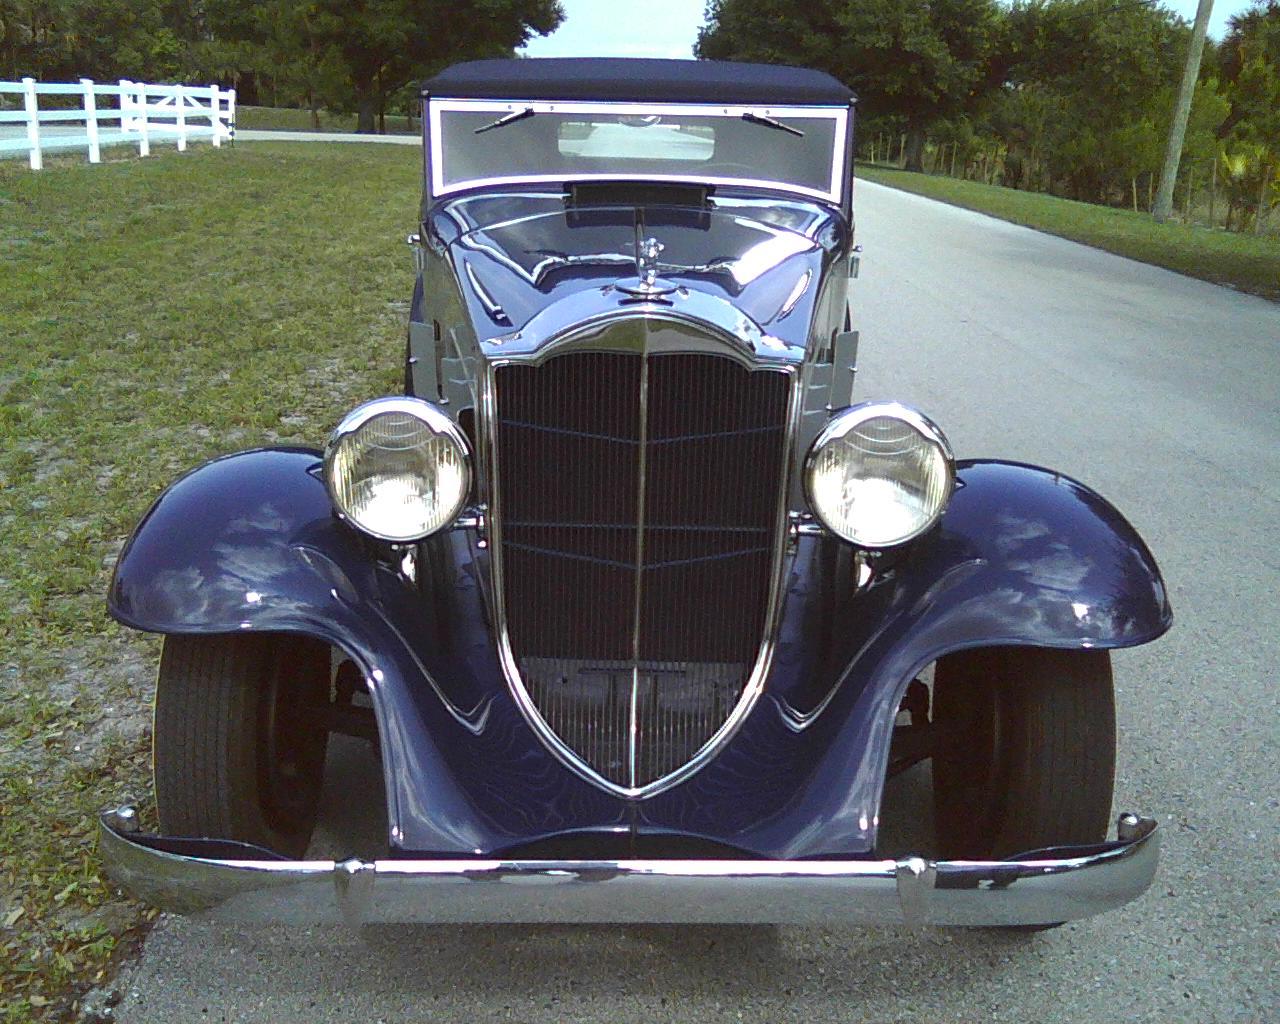 1932 SHOVELNOSE PACKARD ROADSTER